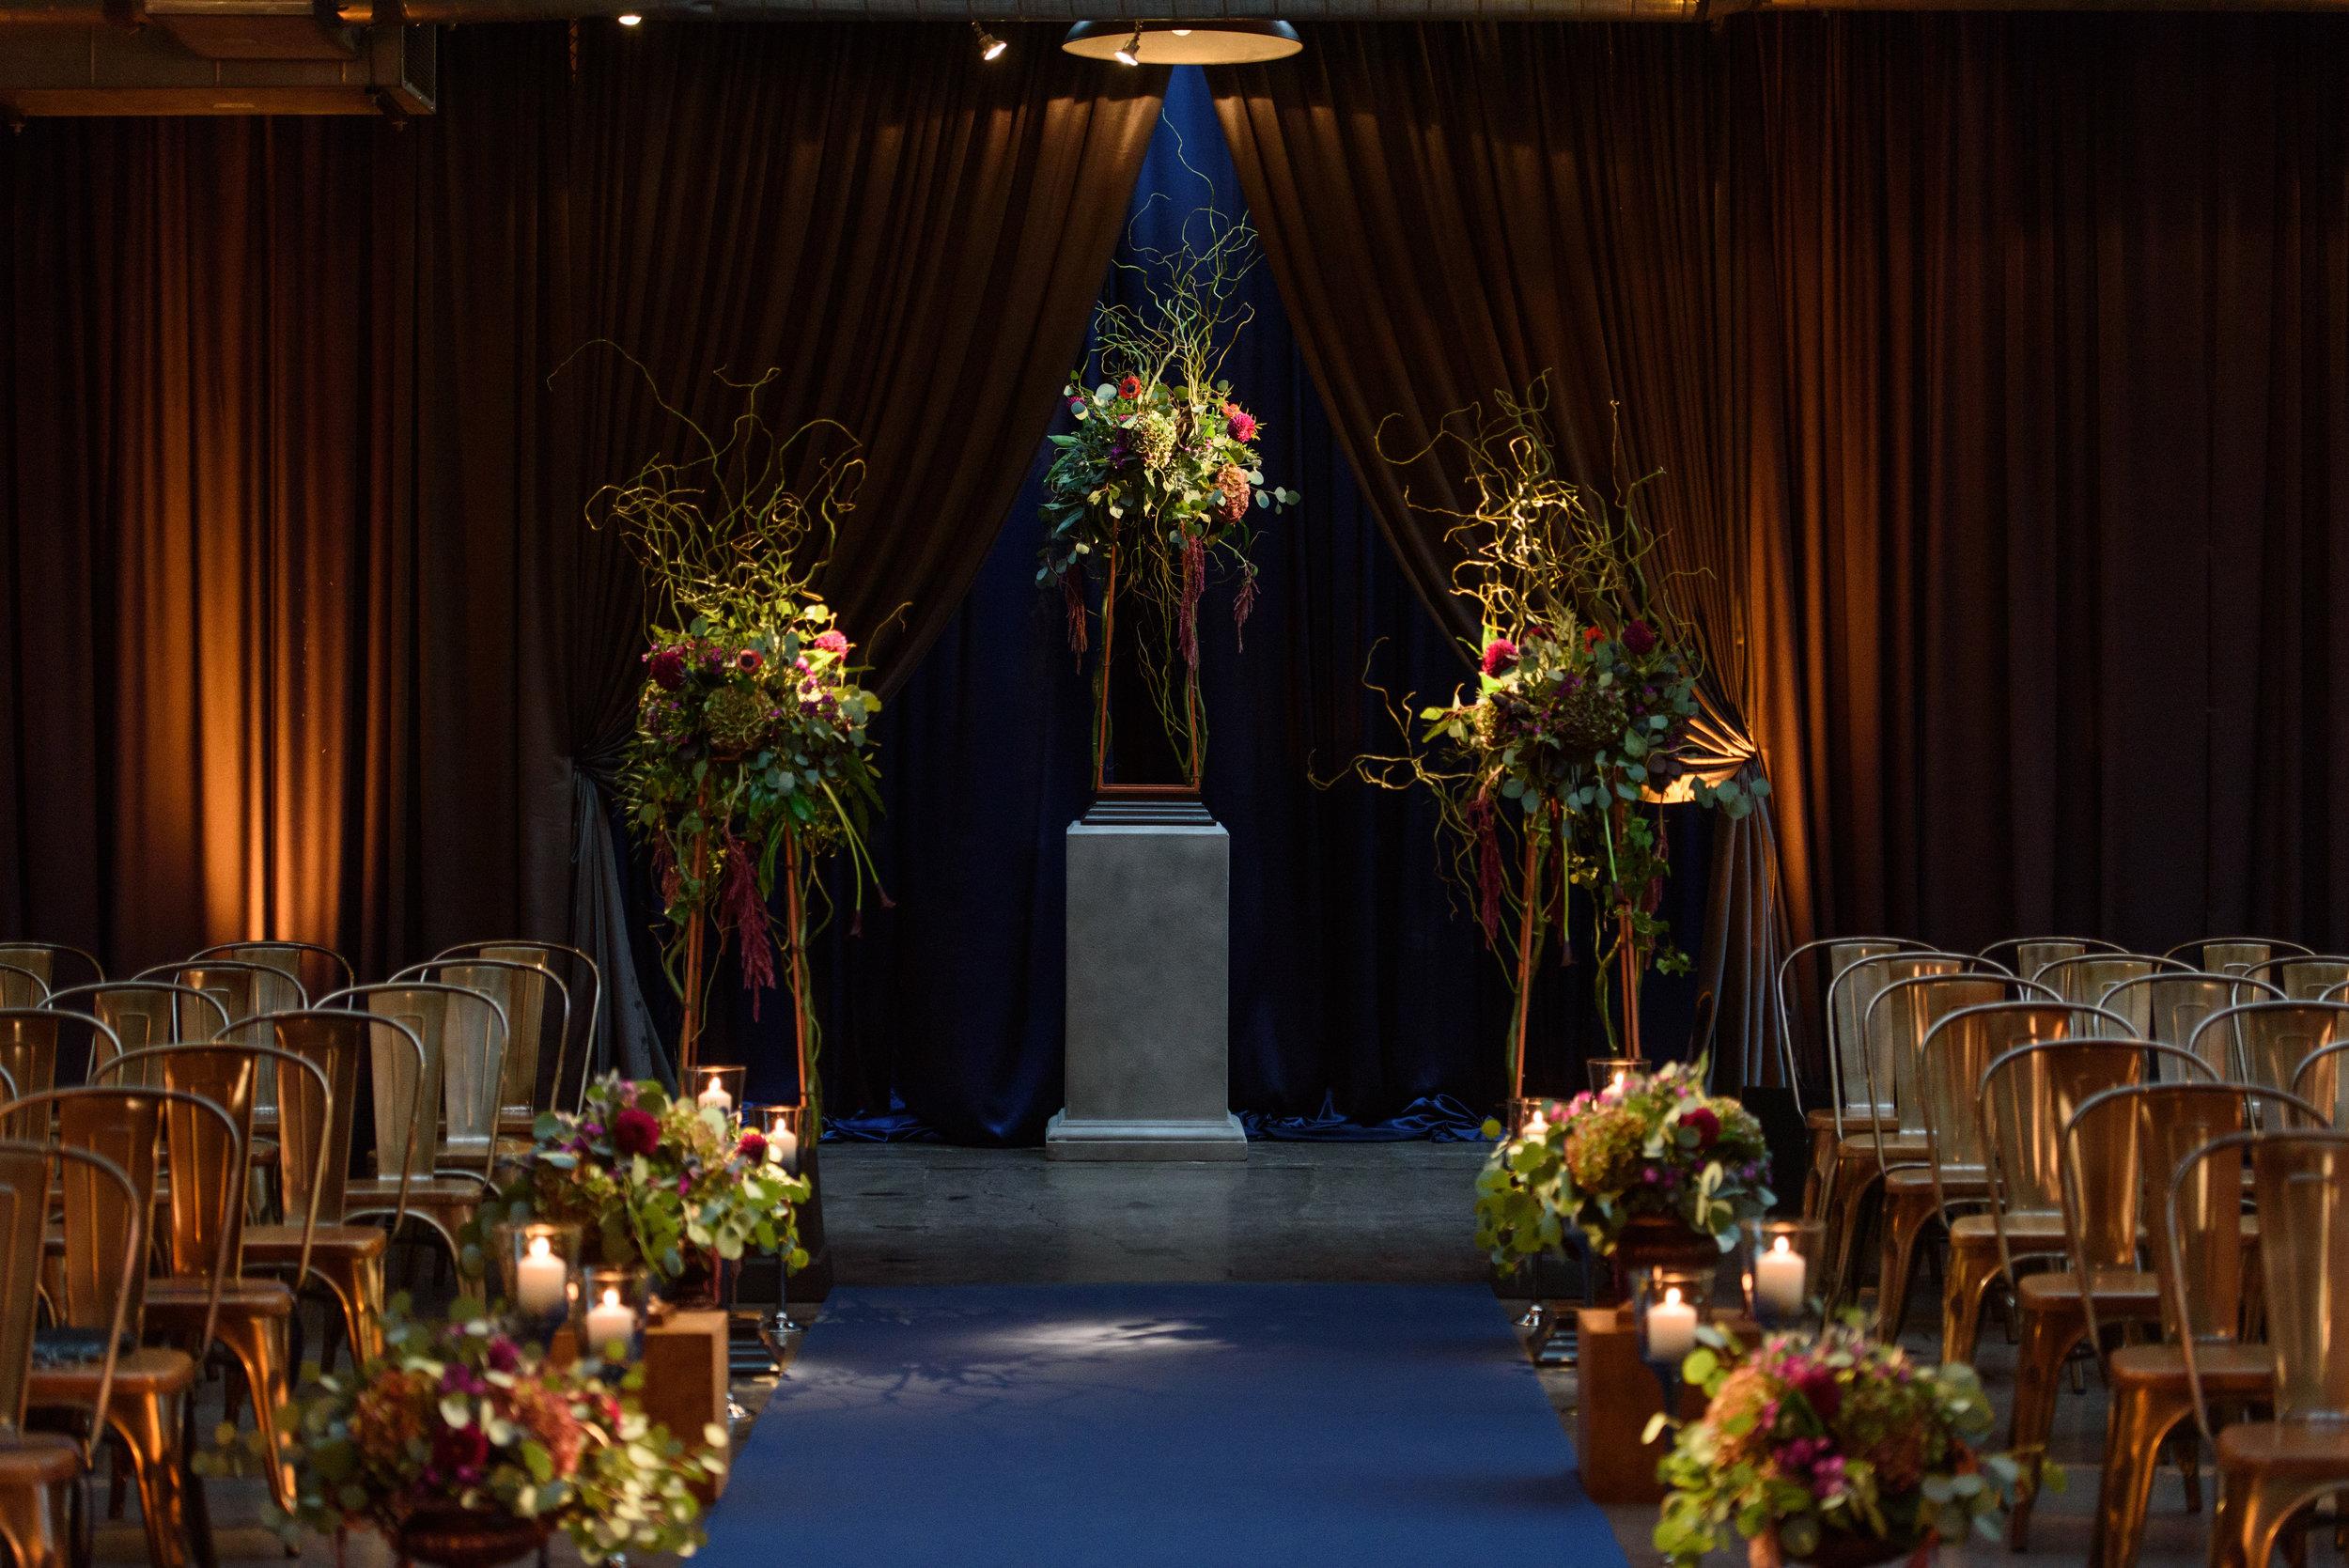 Jason-Chase-wedding-nakai-photography-0400.JPG